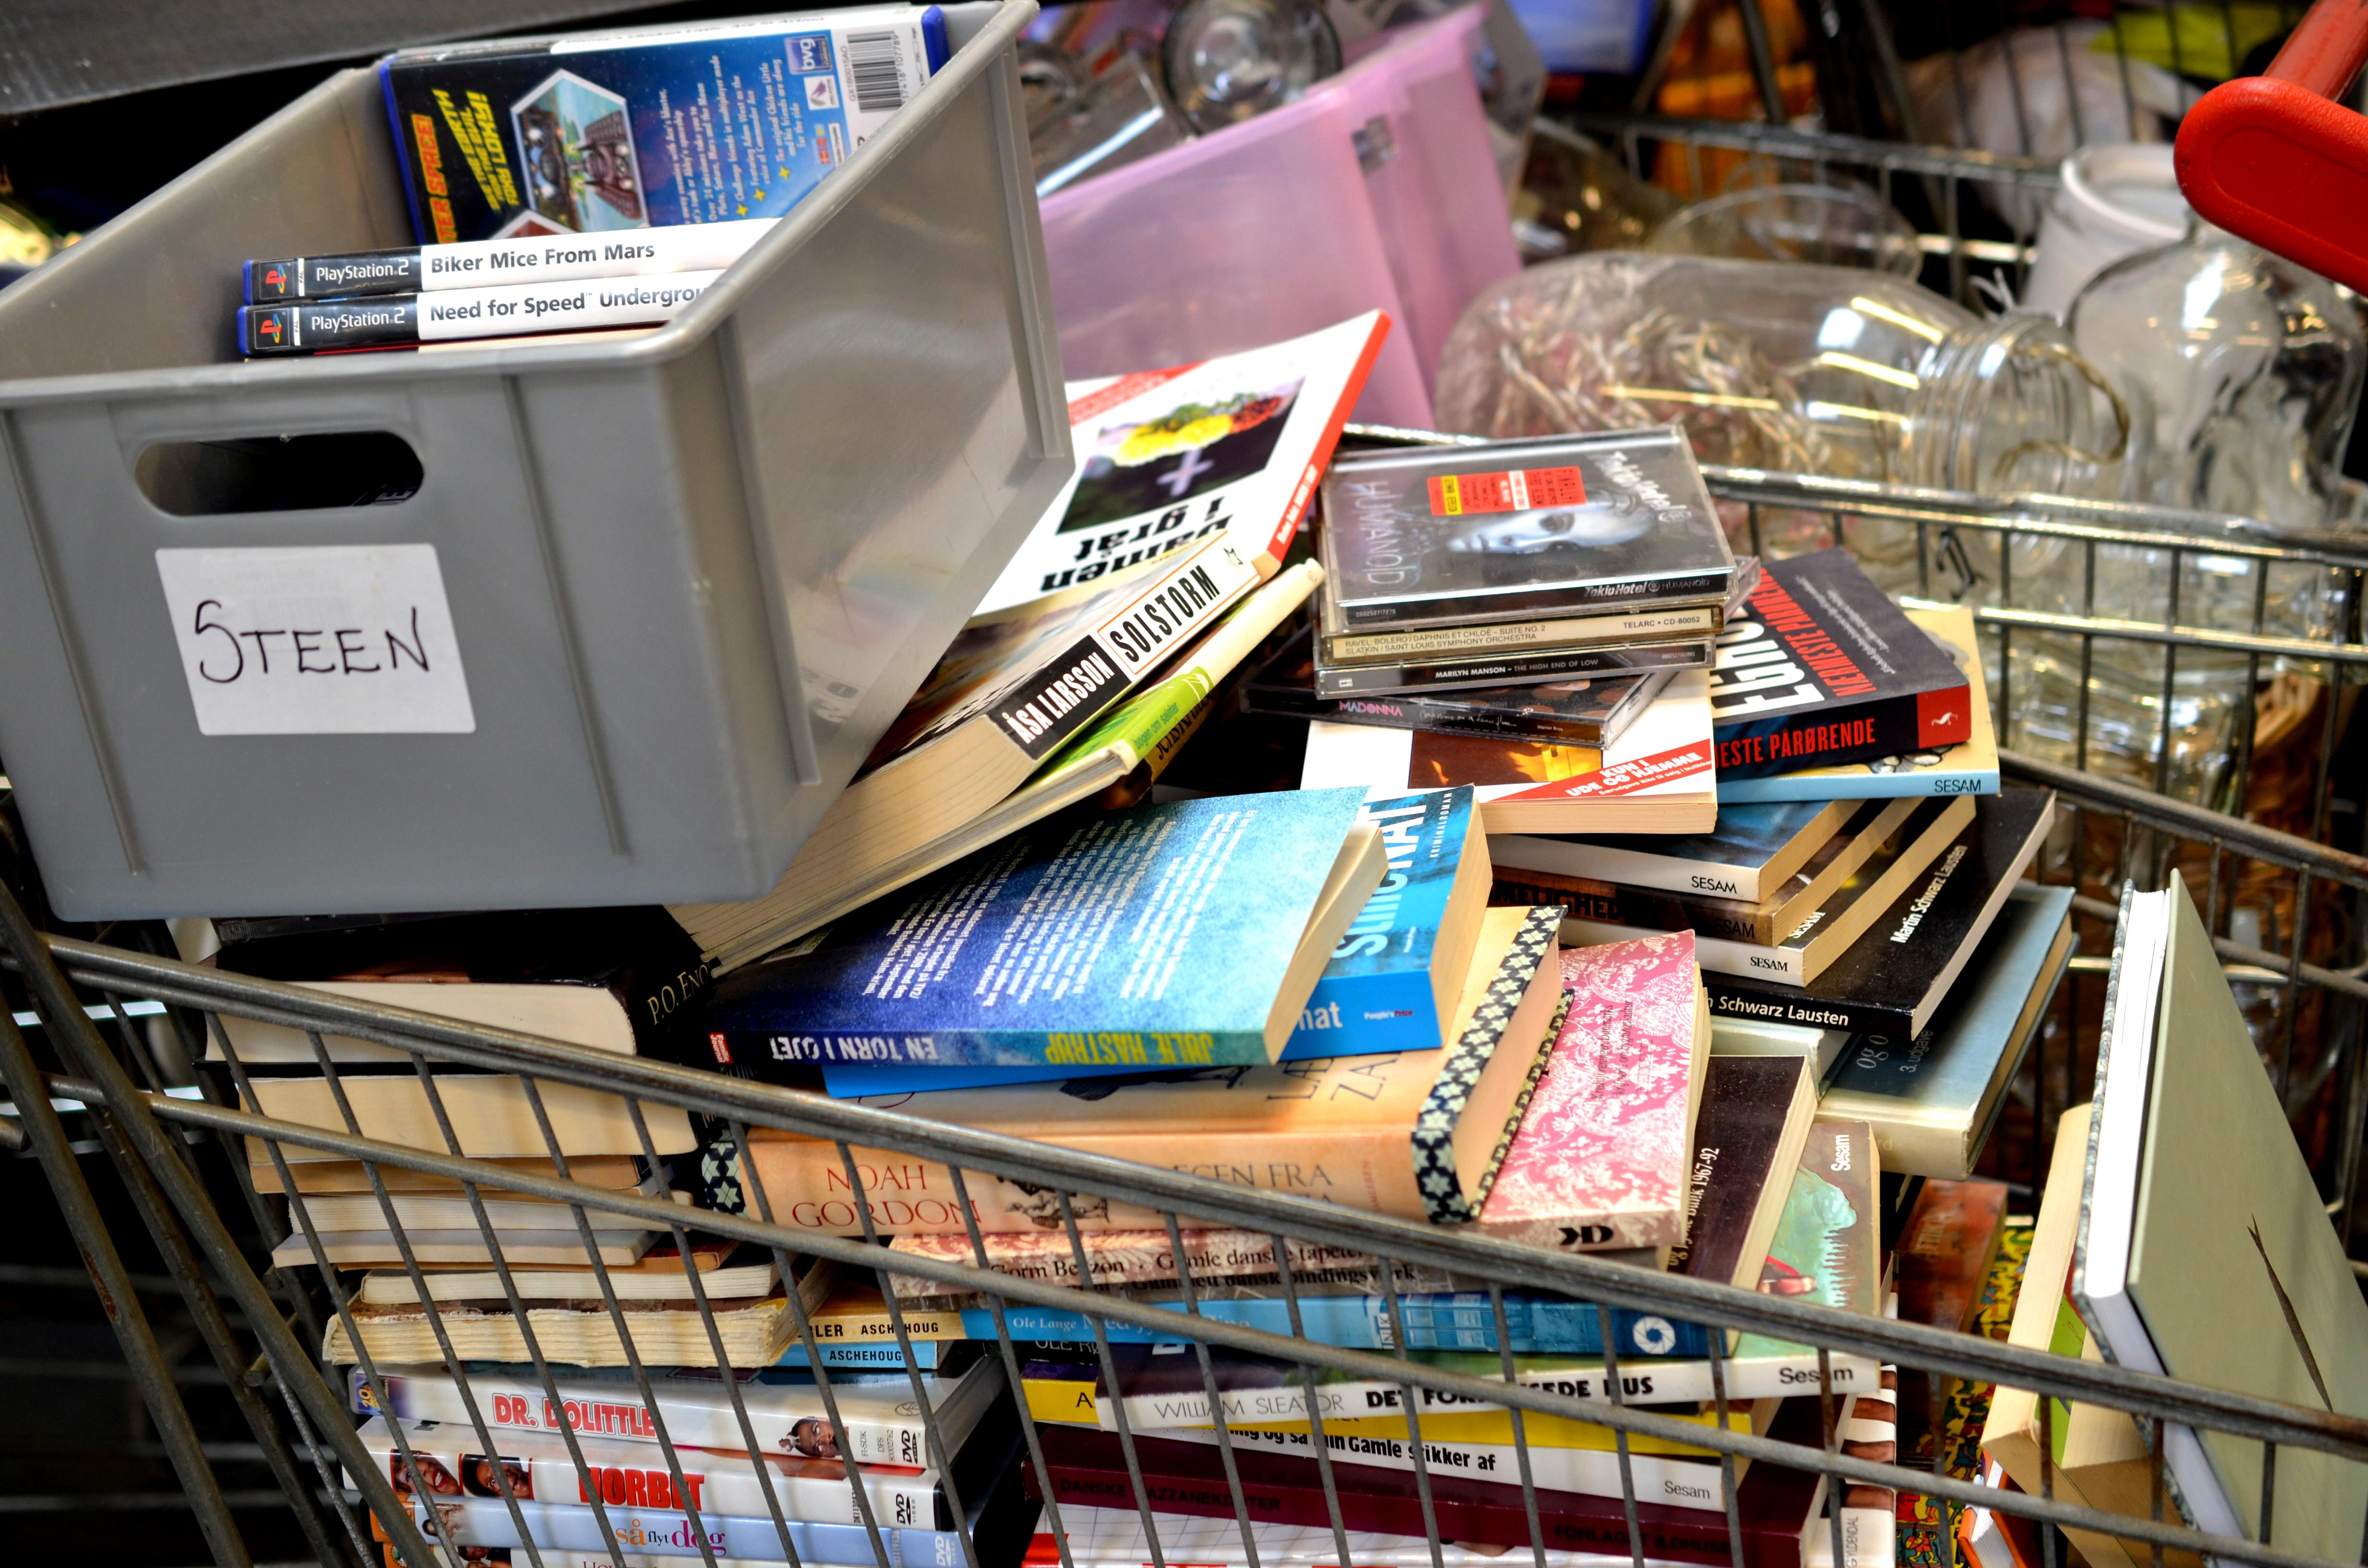 Fyldte indkøbsvogne med bøger, musik og film.